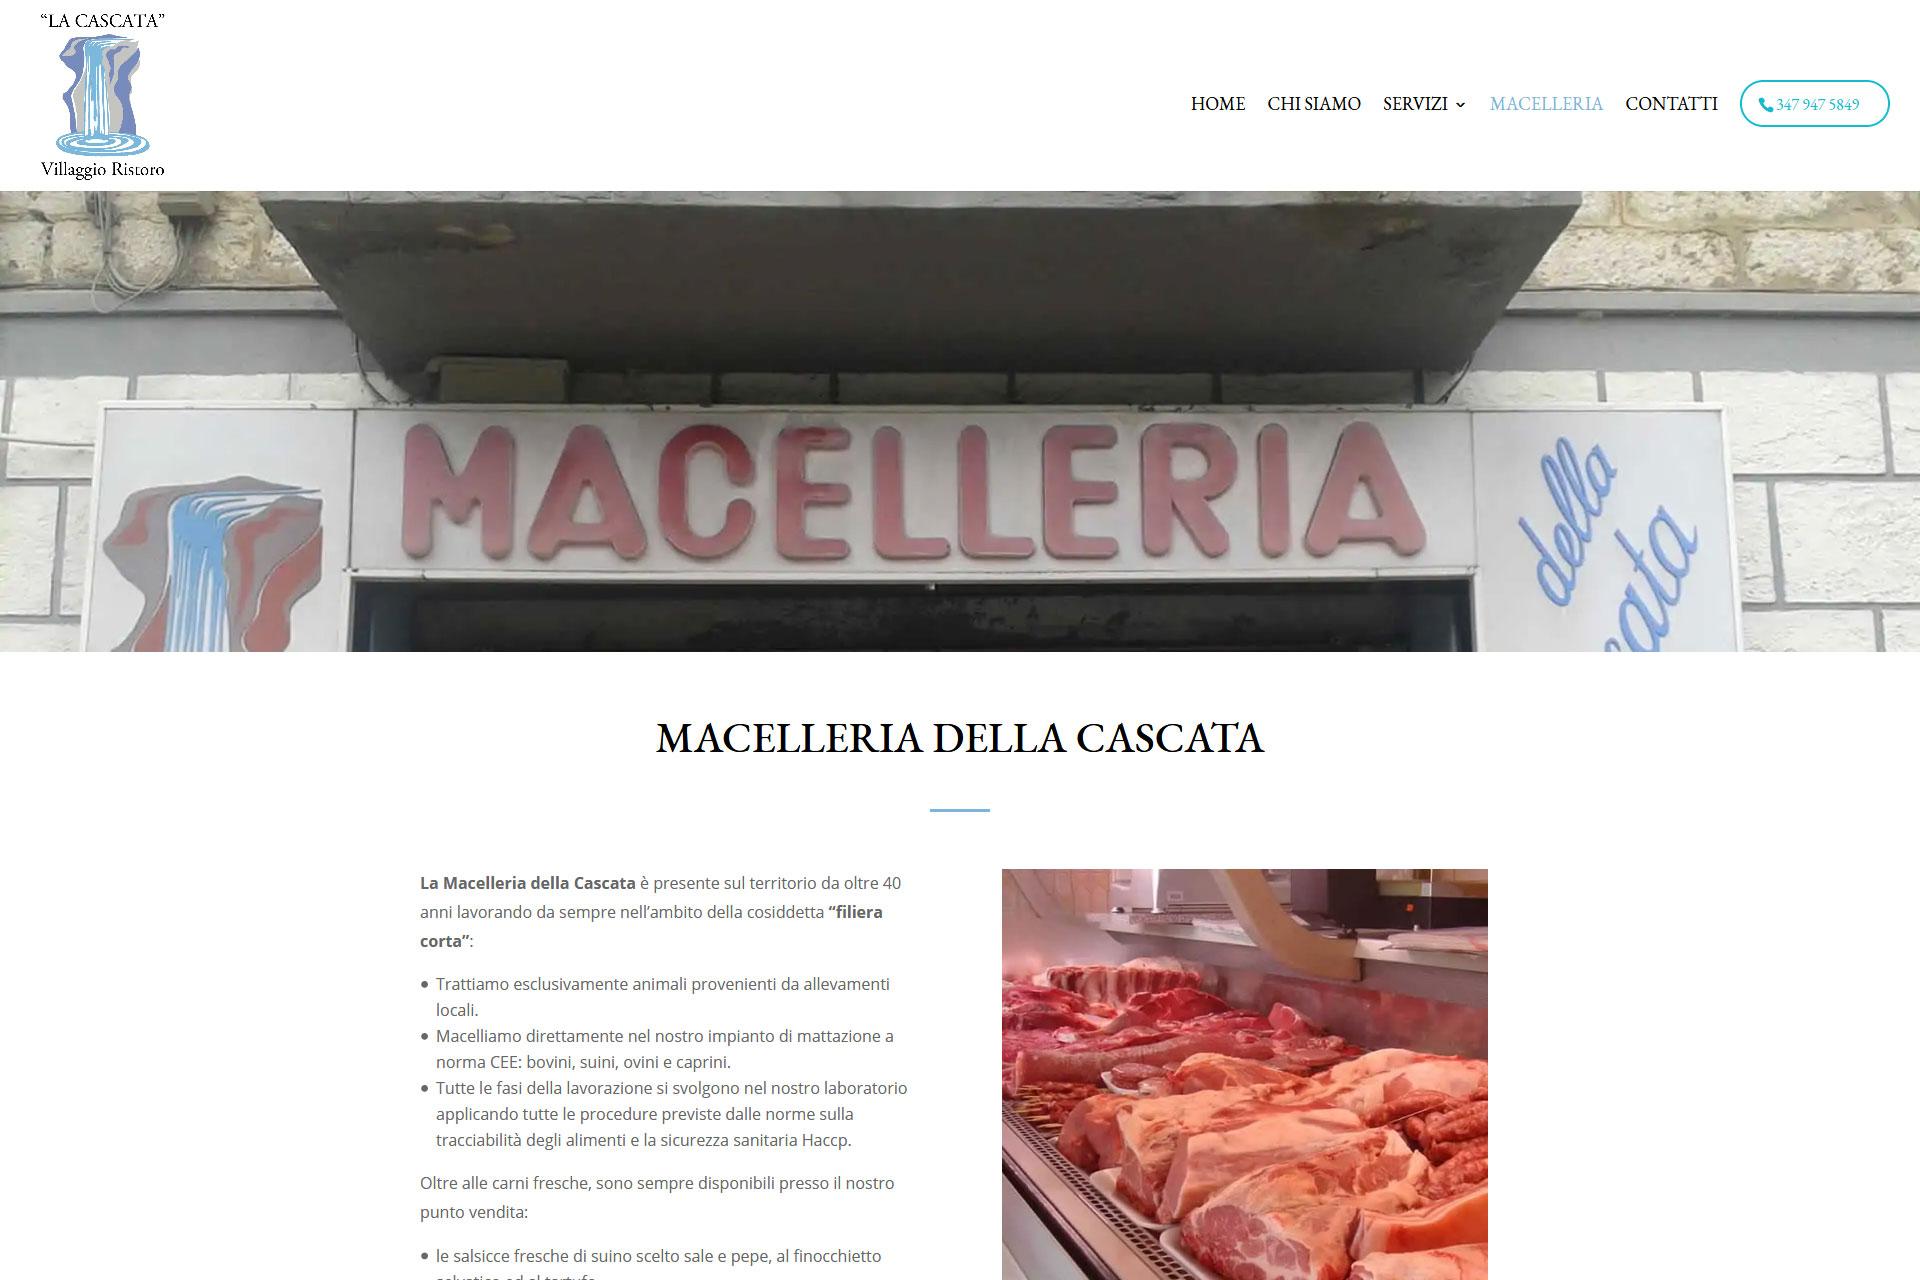 lv-design-realizzazione-siti-web-bologna-portfolio-villaggio-ristoro-la-cascata-slide-2